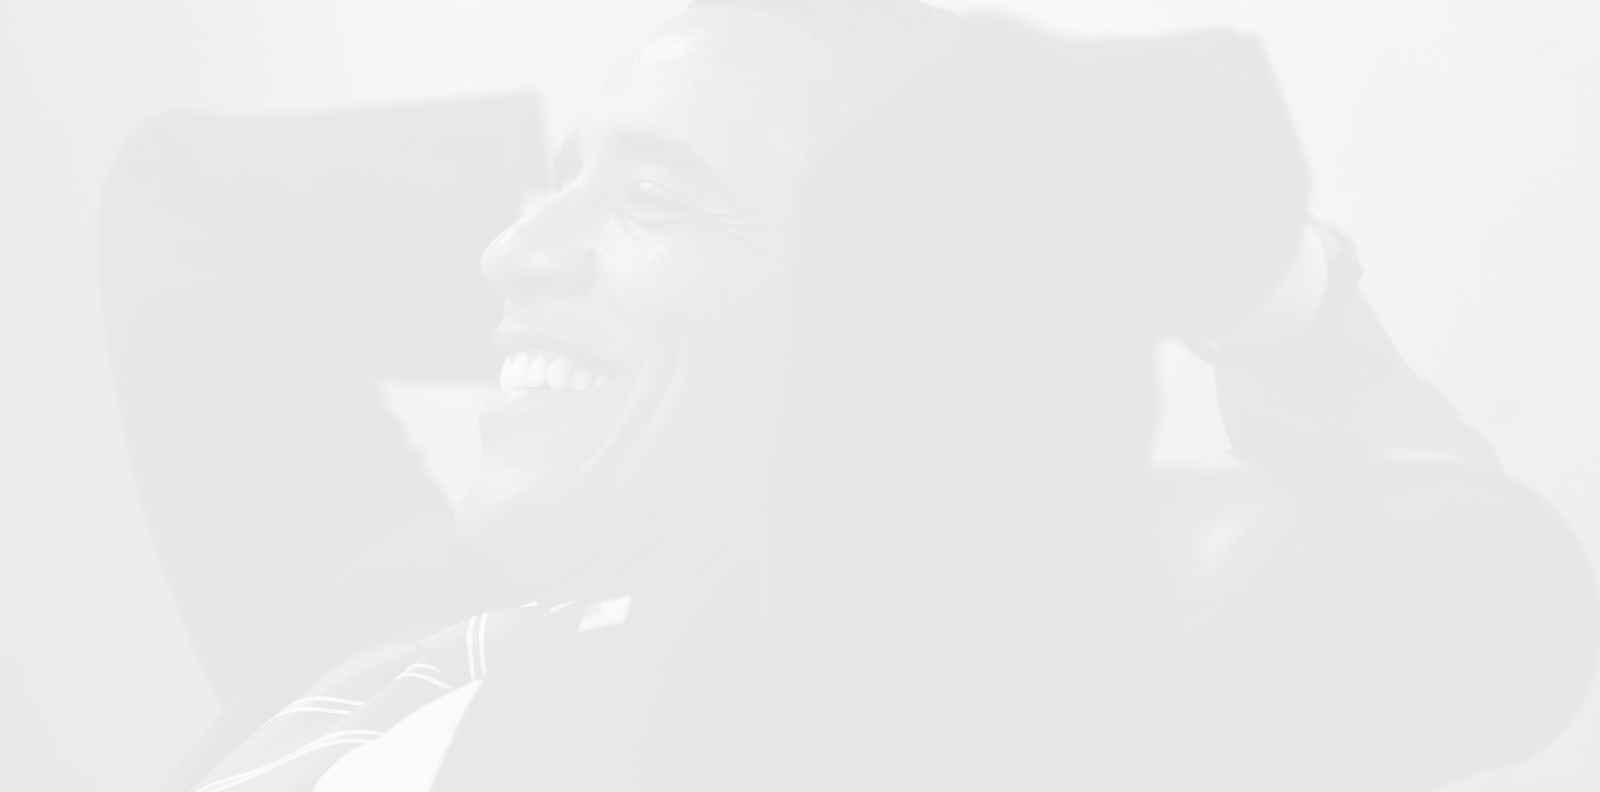 Барак Обама е в TikTok, но не за да танцува